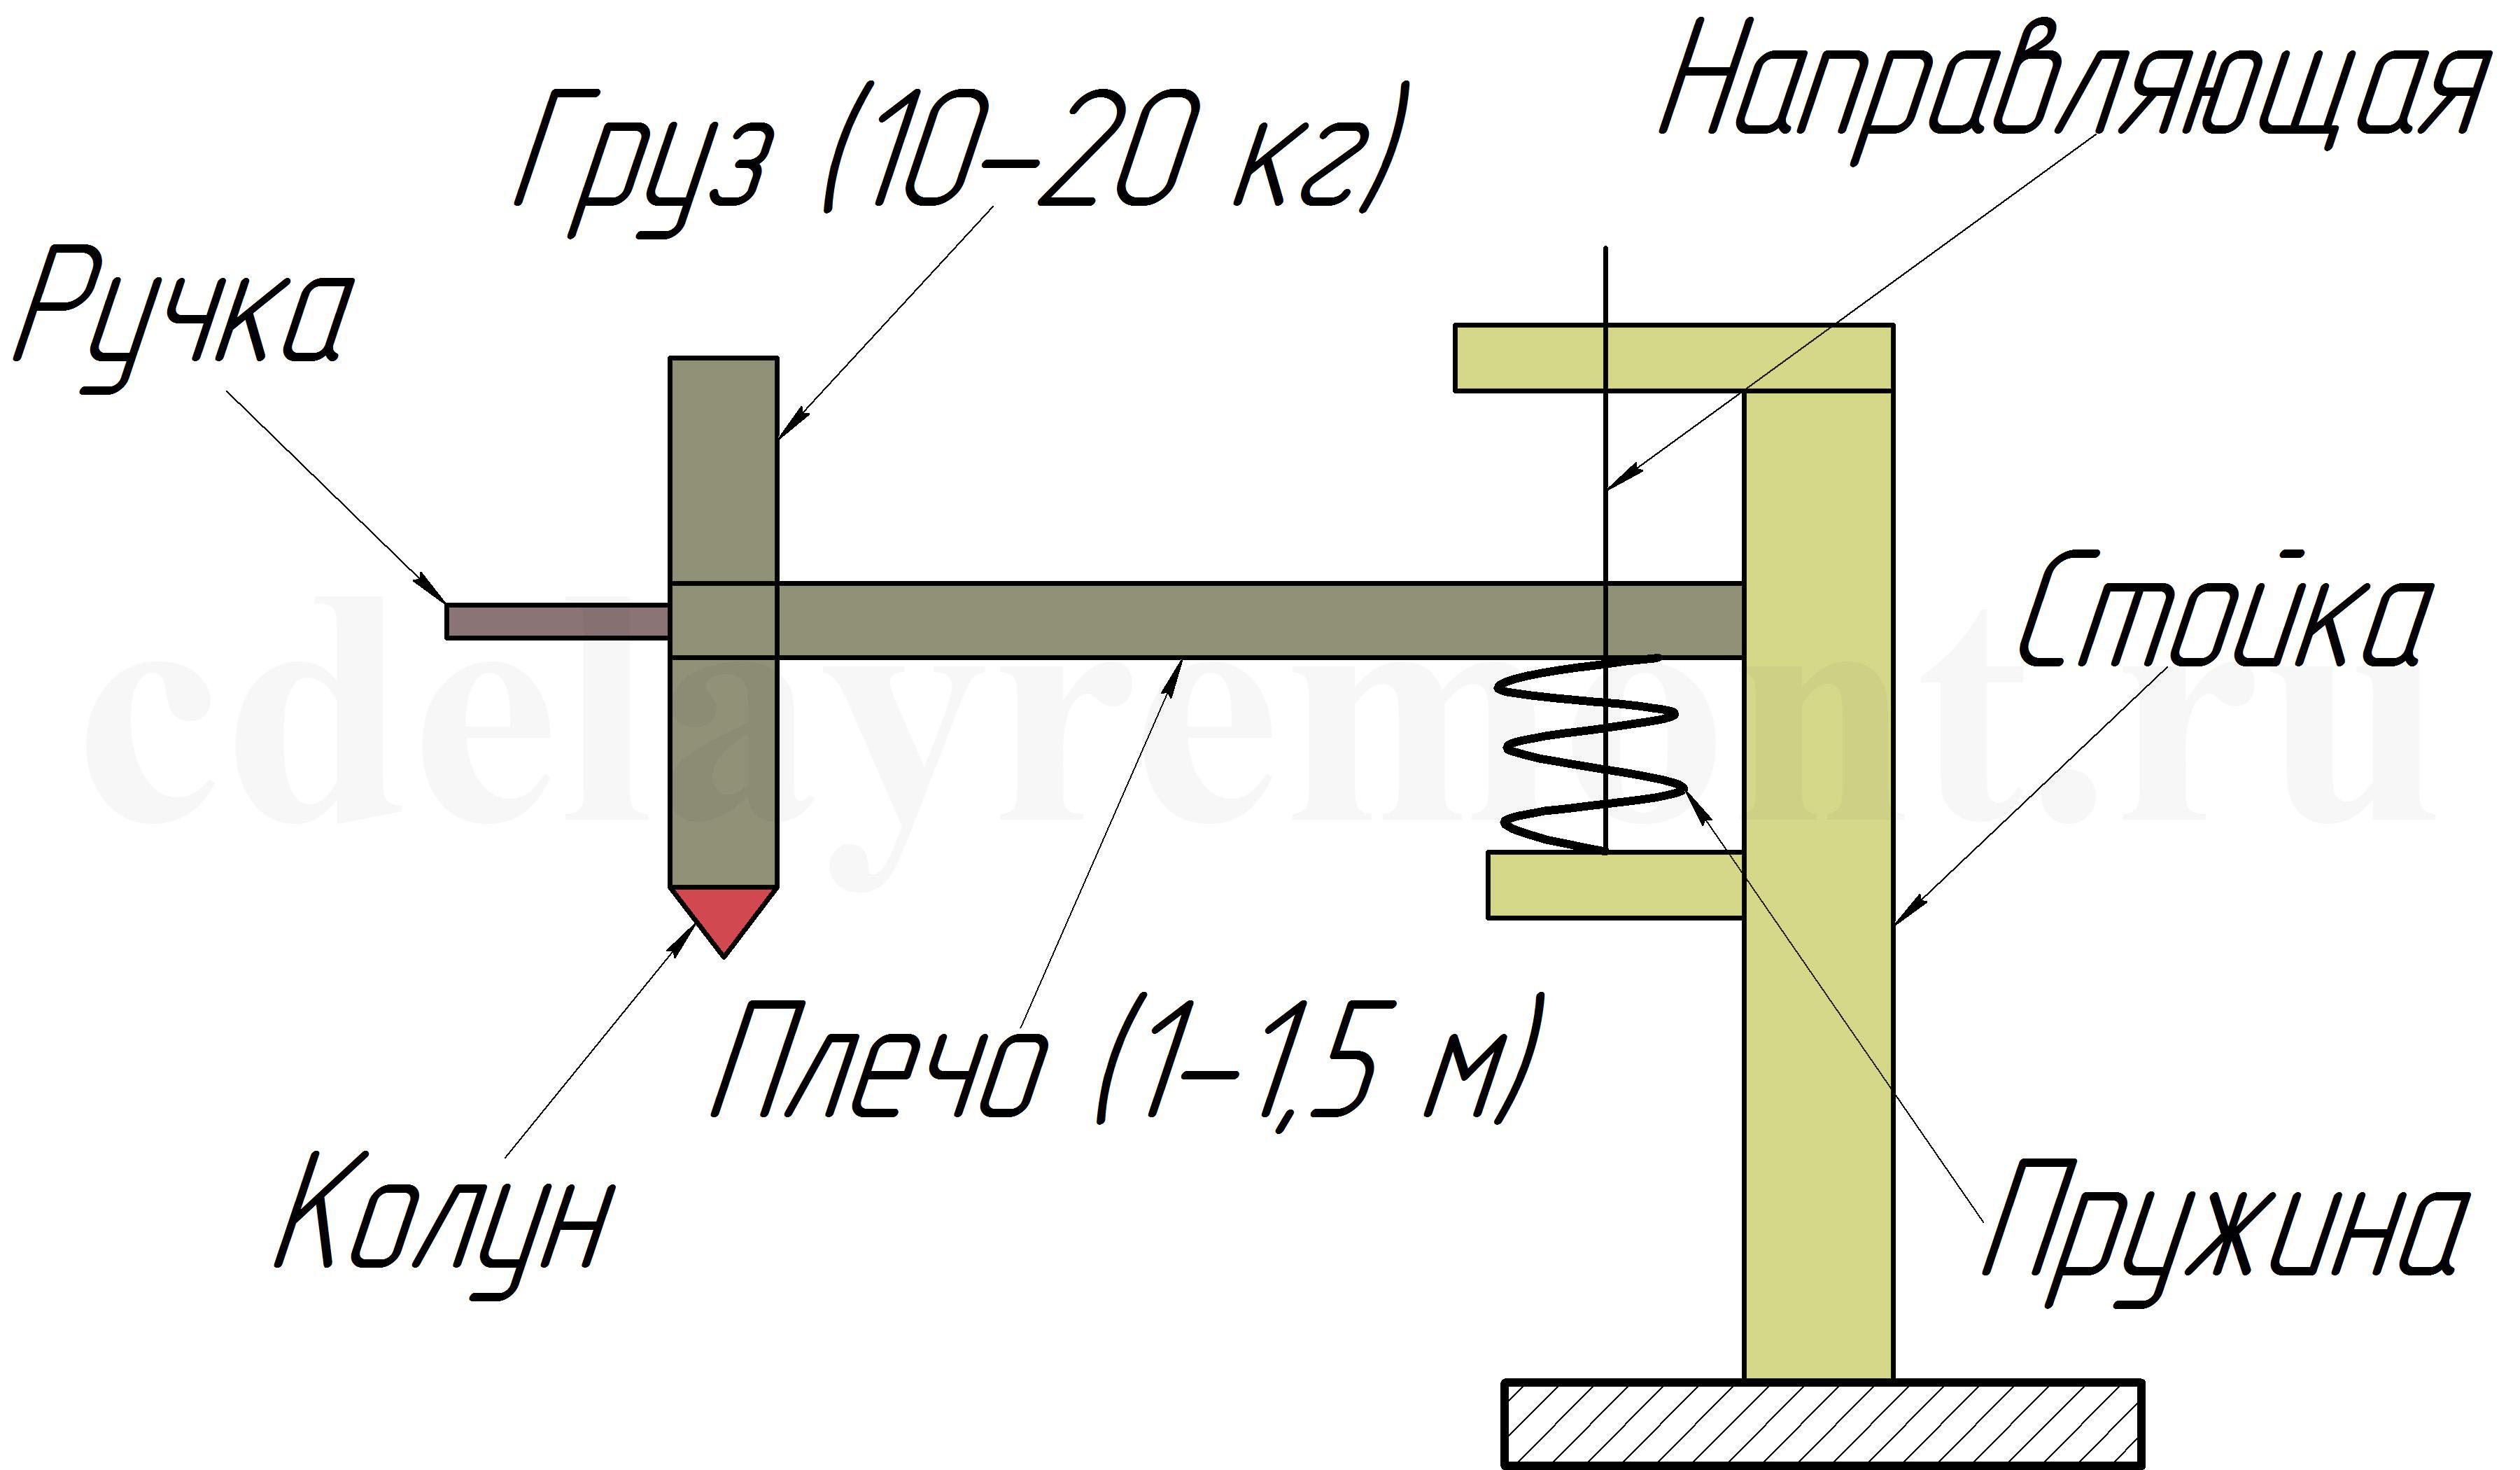 Механический дровокол